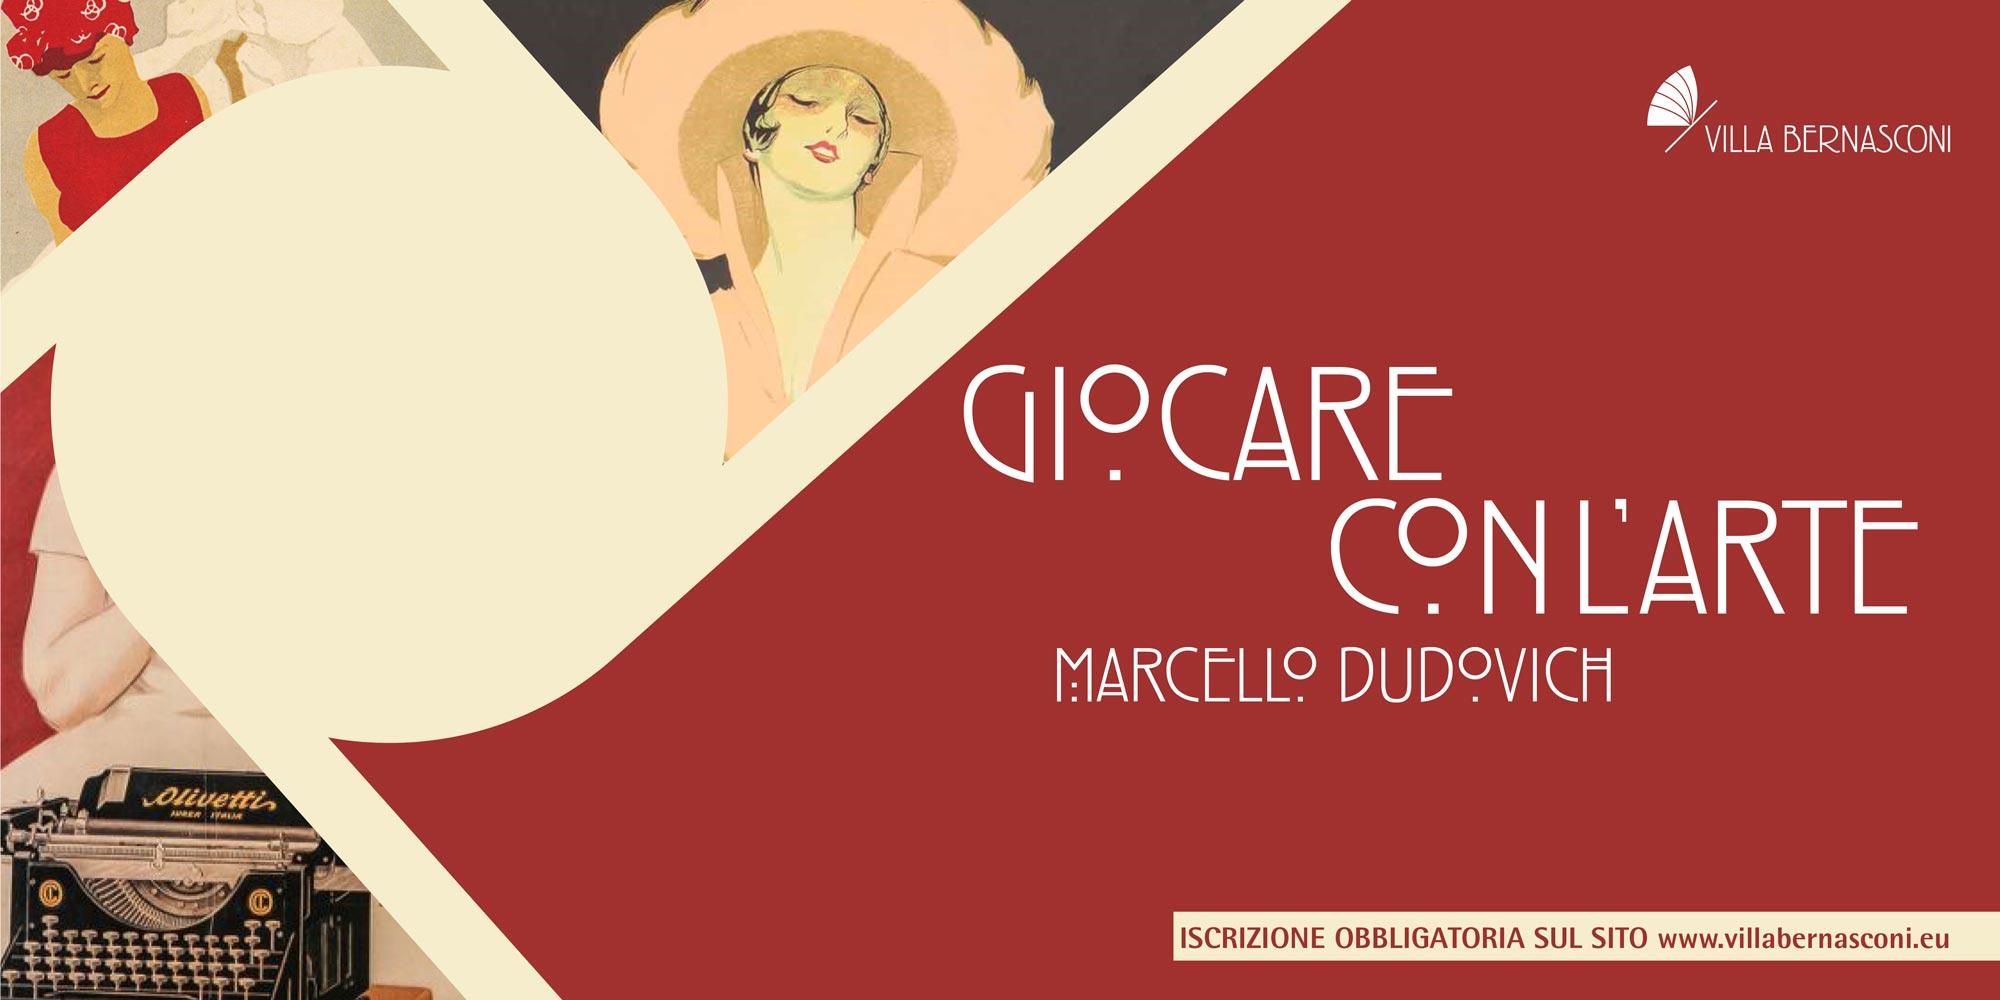 GIOCARE CON L'ARTE / Marcello Dudovich